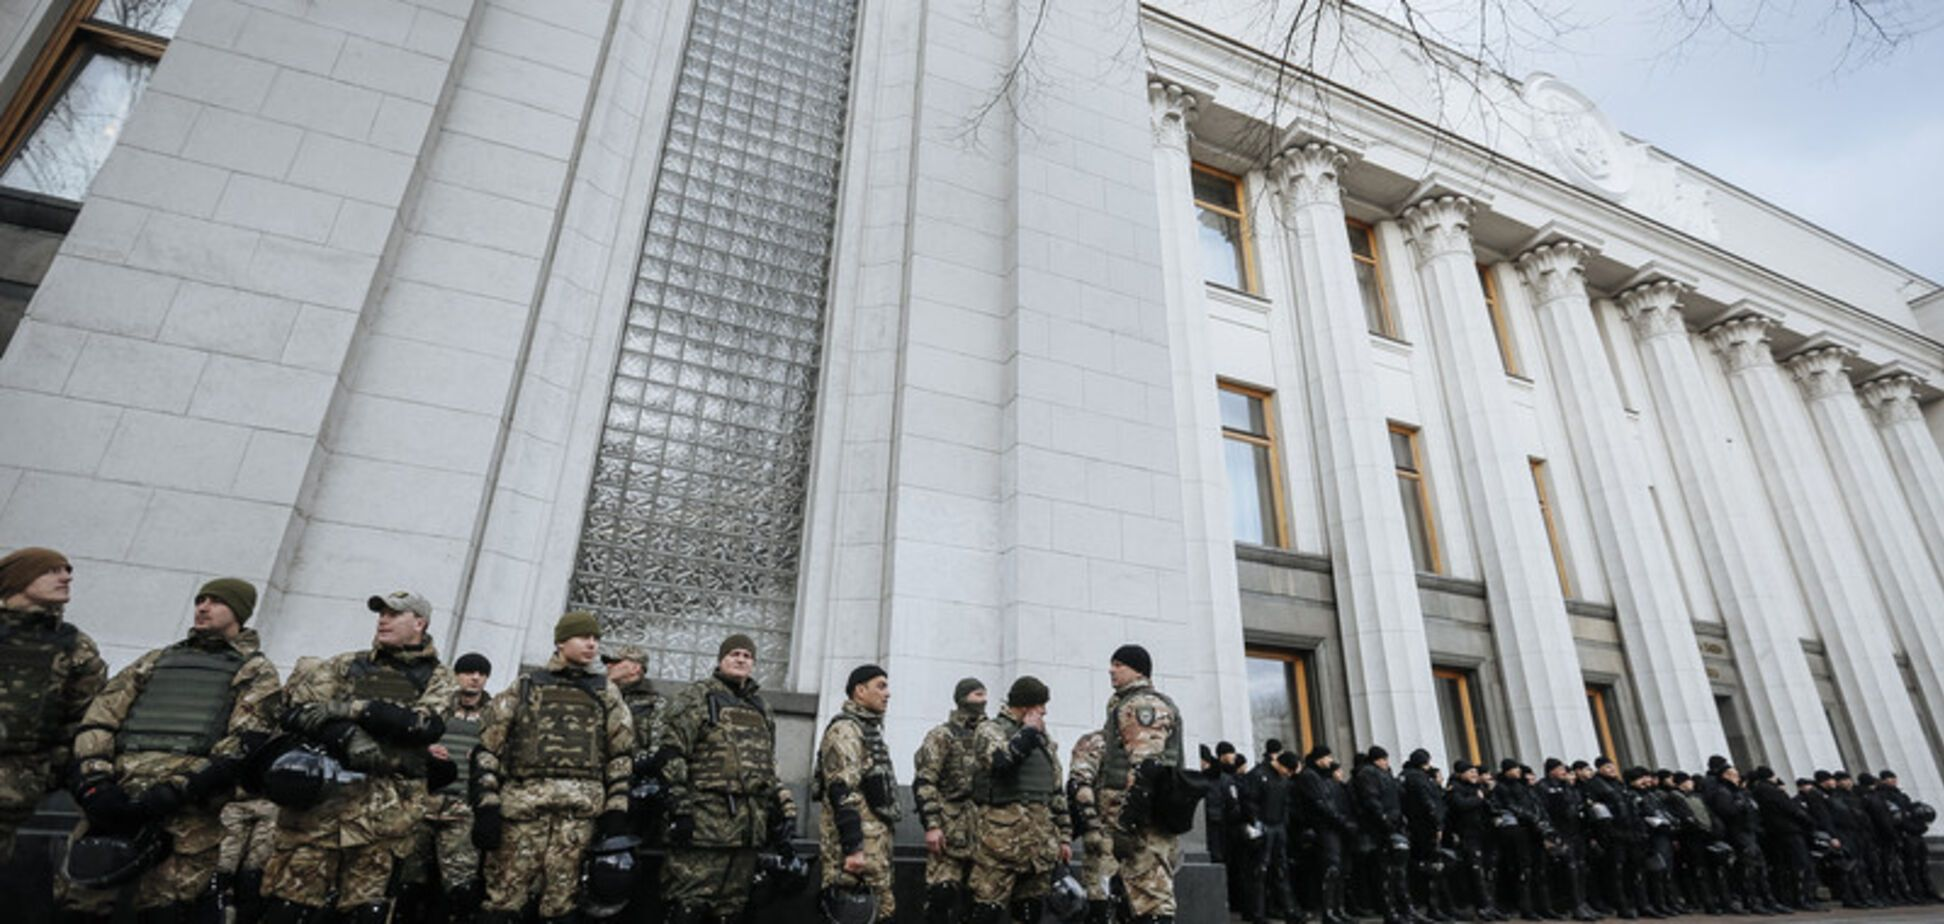 Семенченко і Саакашвілі в справі: РФ дала старт новому проекту по захопленню влади в Україні